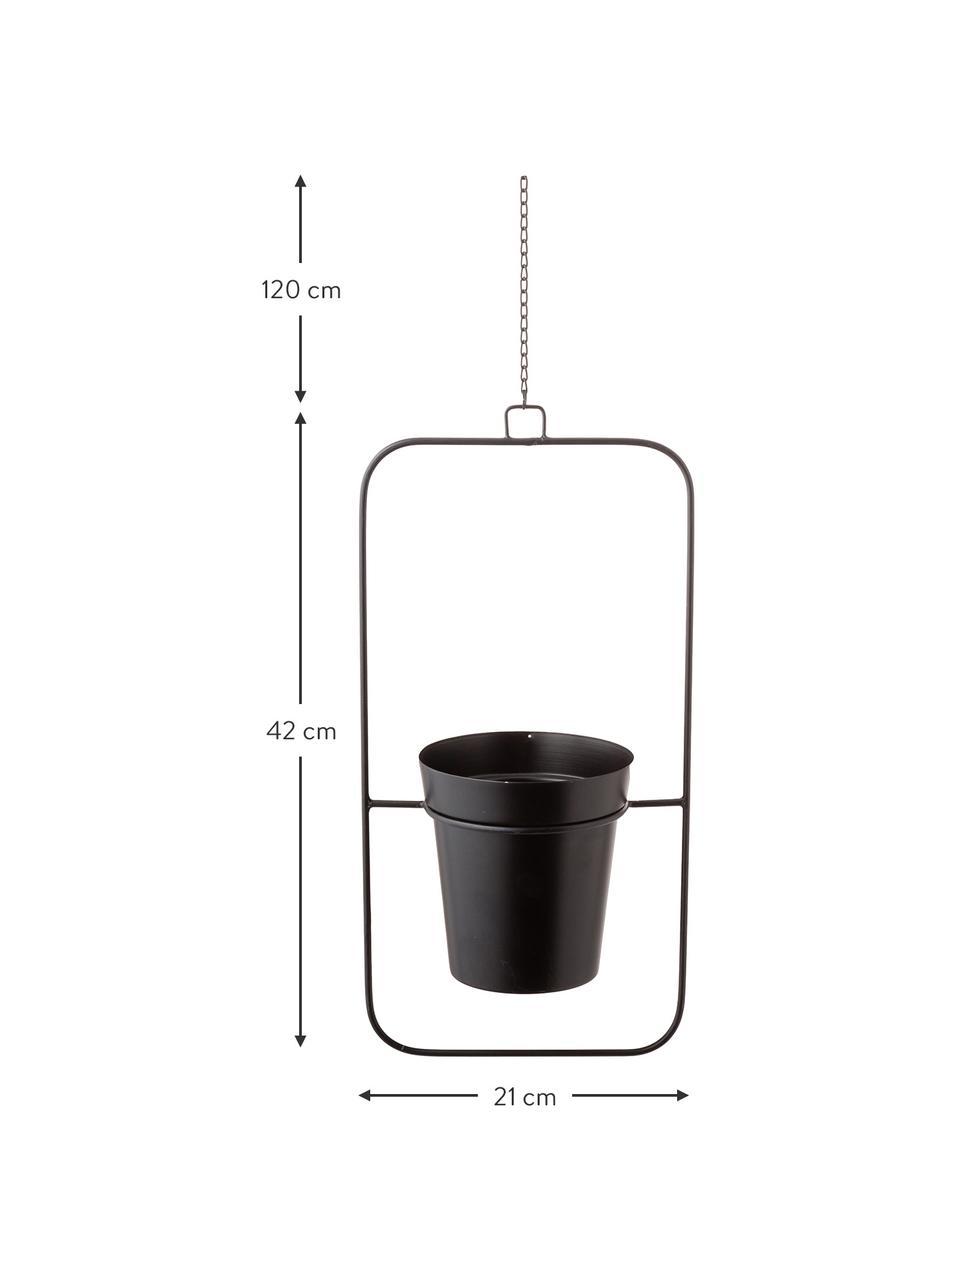 Grote hangende plantenpot Undine van metaal, Gelakt metaal, Zwart, 21 x 42 cm